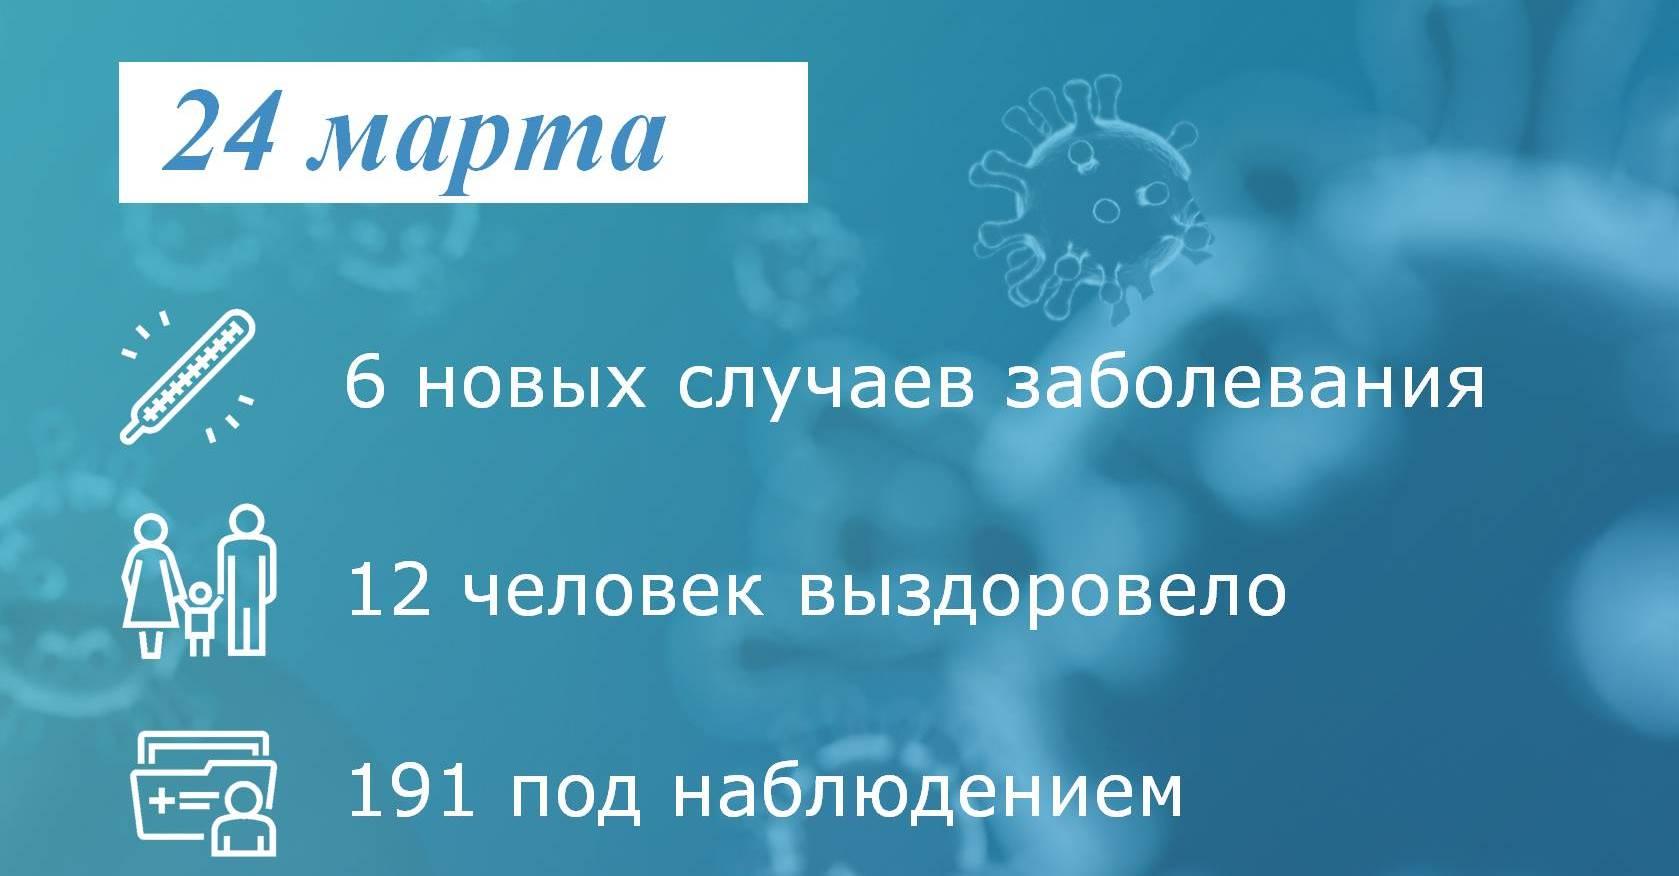 Коронавирус: в Таганроге заболели 6 человек